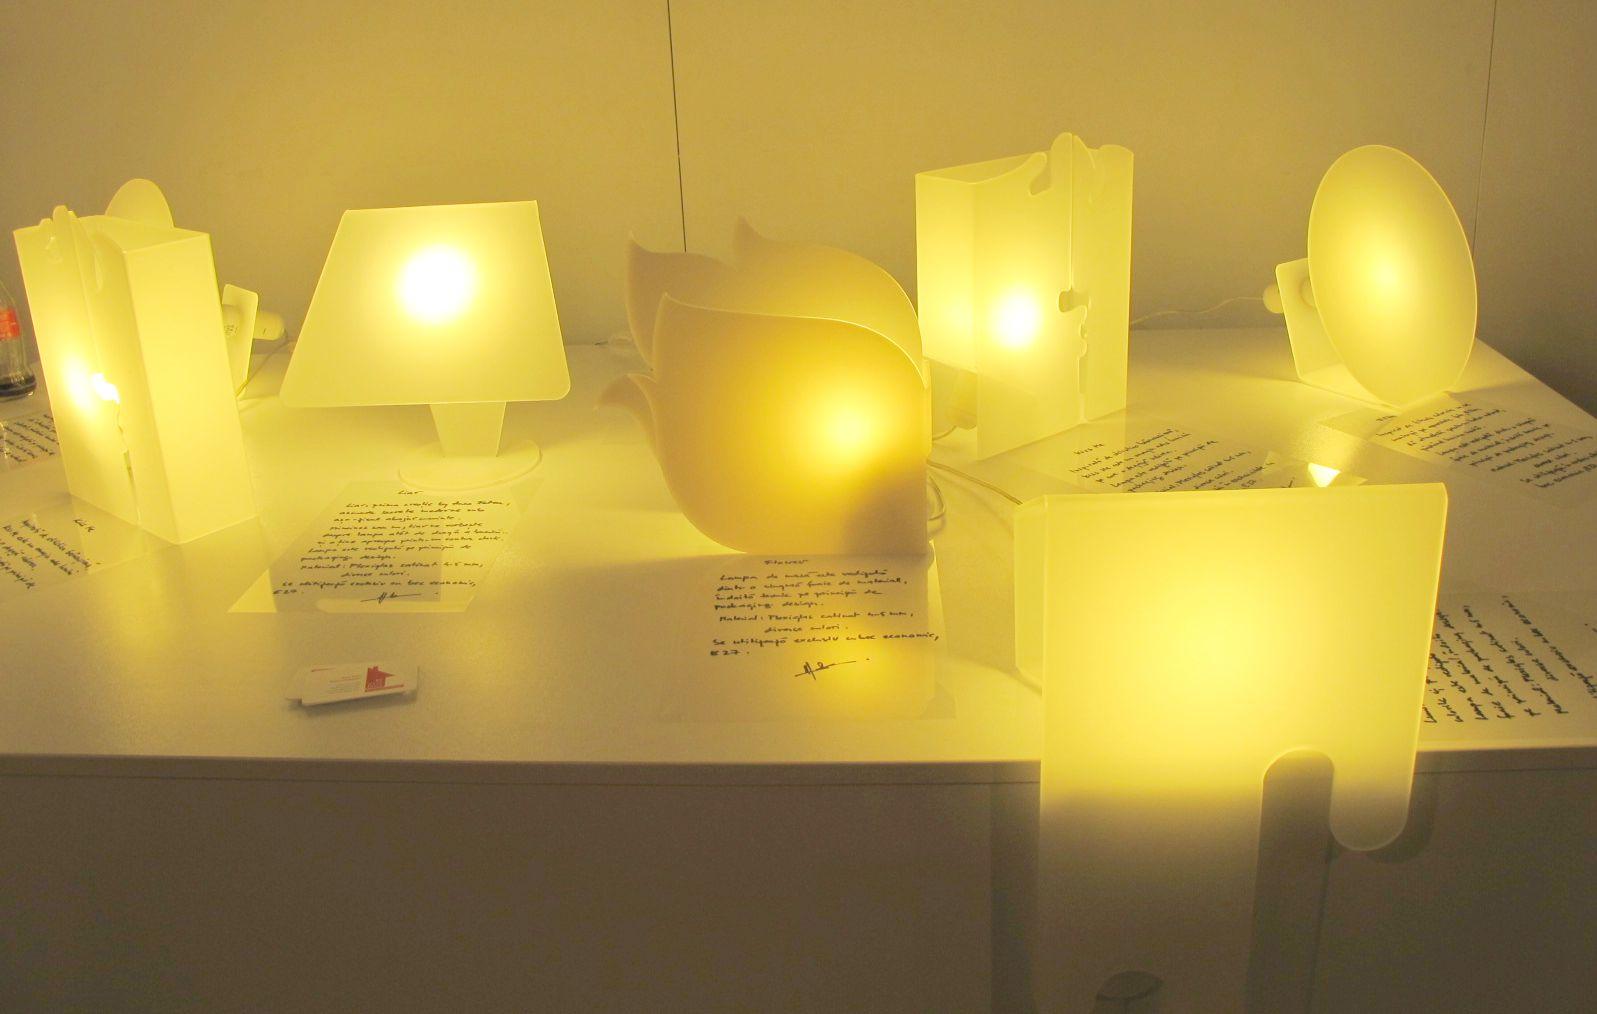 Colectie de lampi create de designer Anca Fetcu, Autor 4 noiembrie 2012